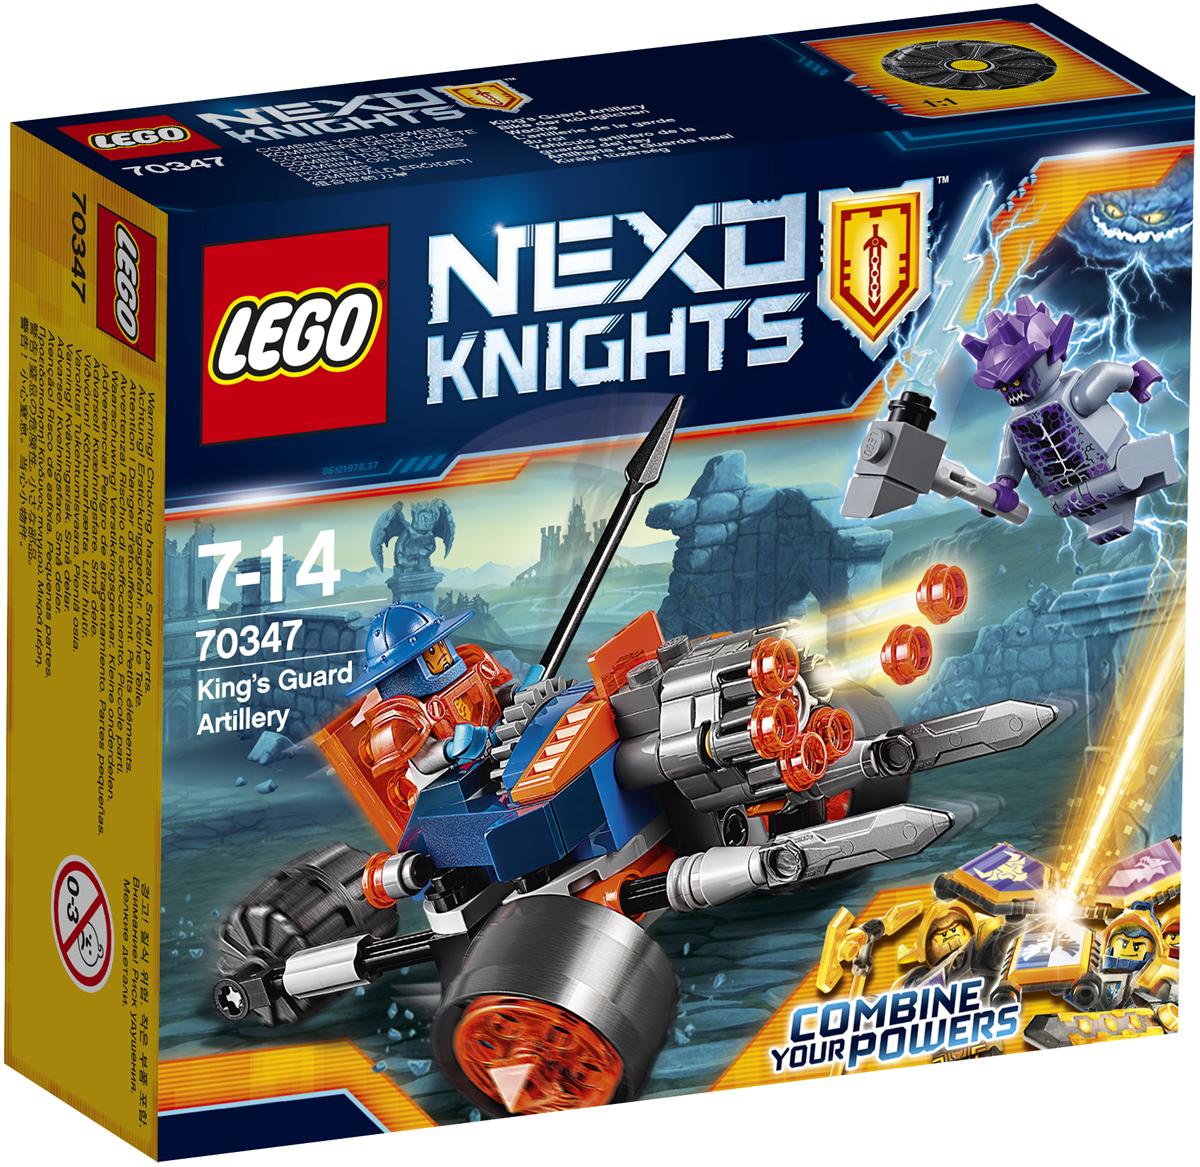 LEGO NEXO KNIGHTS Конструктор Самоходная артиллерийская установка королевской гвардии 7034770347Приготовьте самоходную артиллерийскую установку королевской гвардии, нацельтесь и будьте готовы стрелять из потрясающей шестиствольной пушки в наступающего каменного солдата. Выставите мечи для защиты или отсоедините их для ближнего боя! Набор включает в себя 98 разноцветных элемента и две минифигурки. Конструктор - это один из самых увлекательных и веселых способов времяпрепровождения. Ребенок сможет часами играть с конструктором, придумывая различные ситуации и истории.